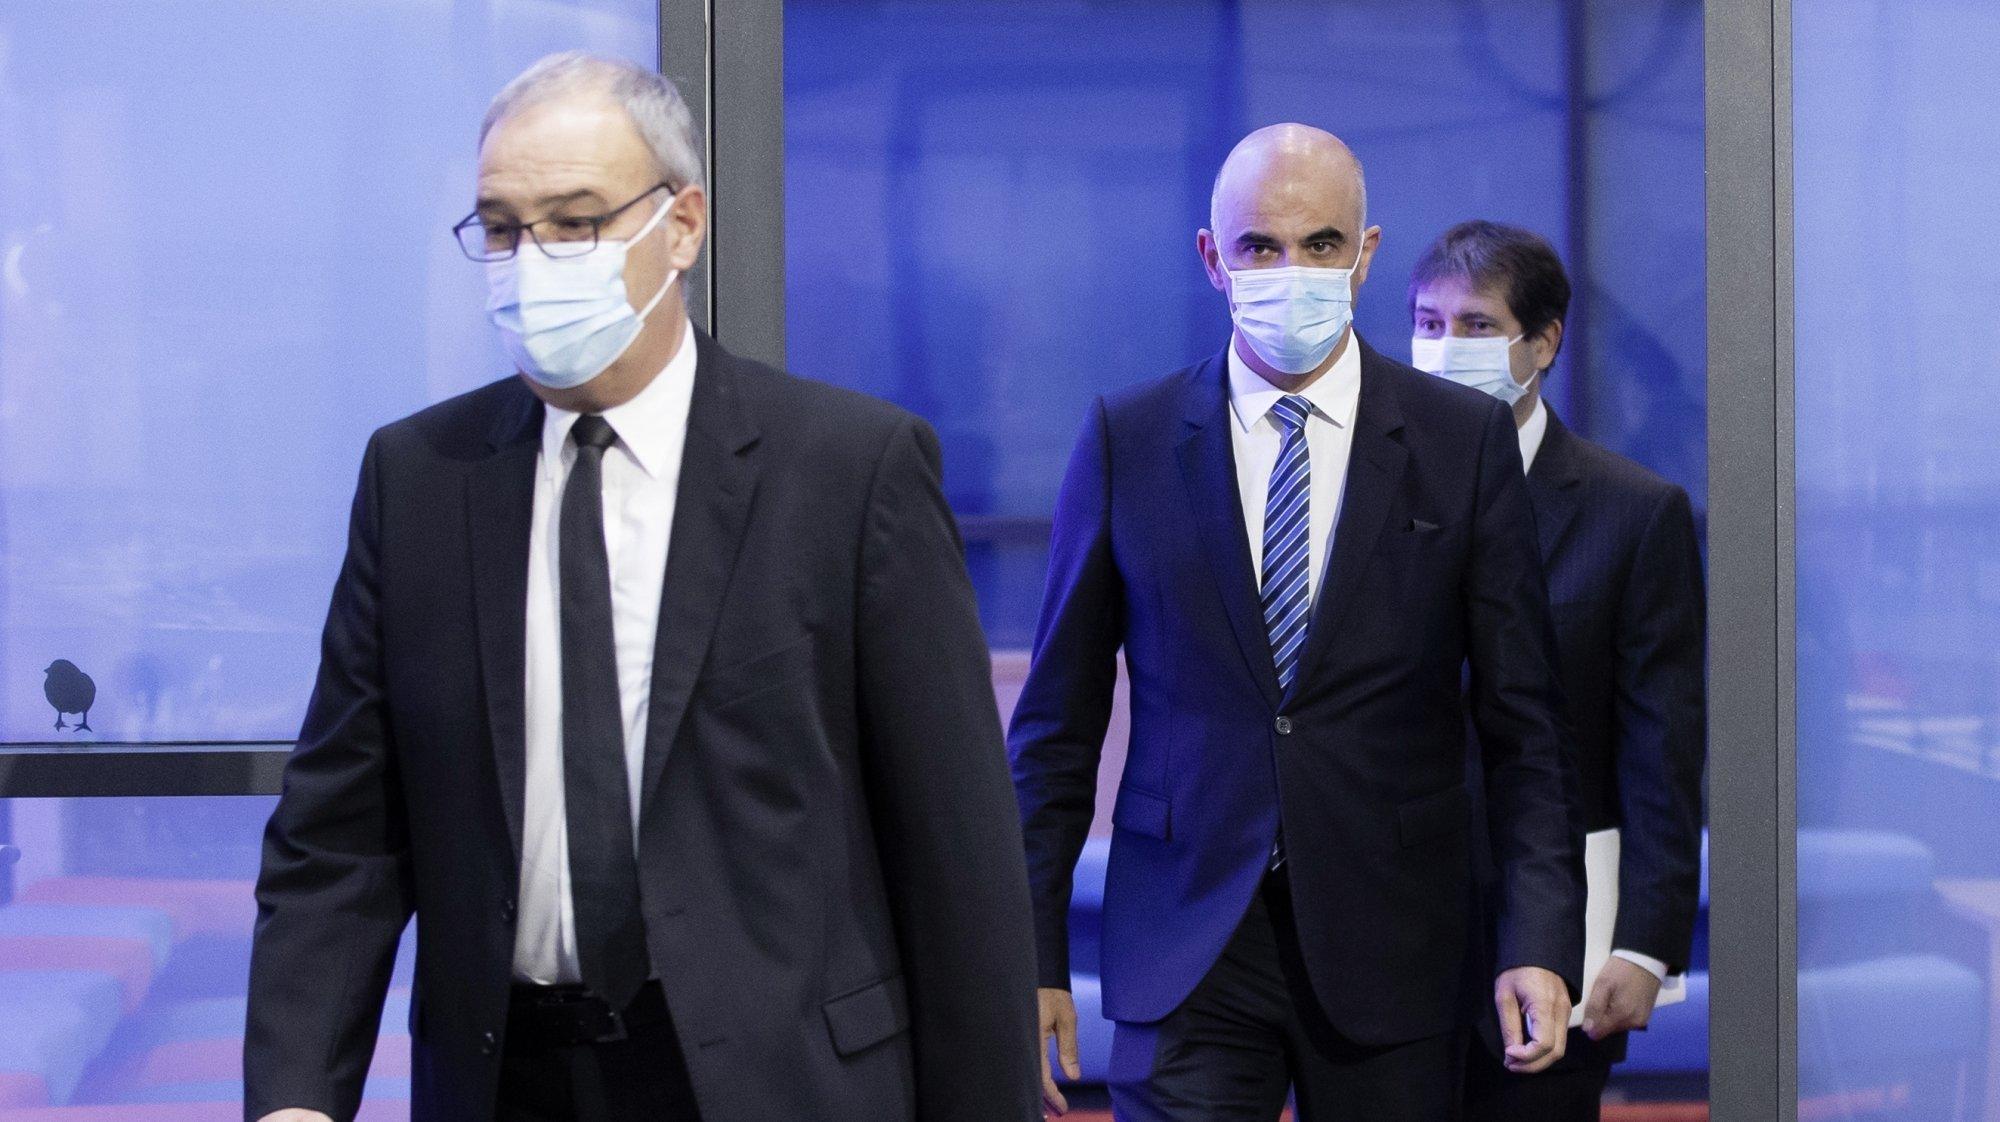 Loi Covid-19: pourquoi Berne estime qu'un «non» affaiblirait la lutte contre la pandémie